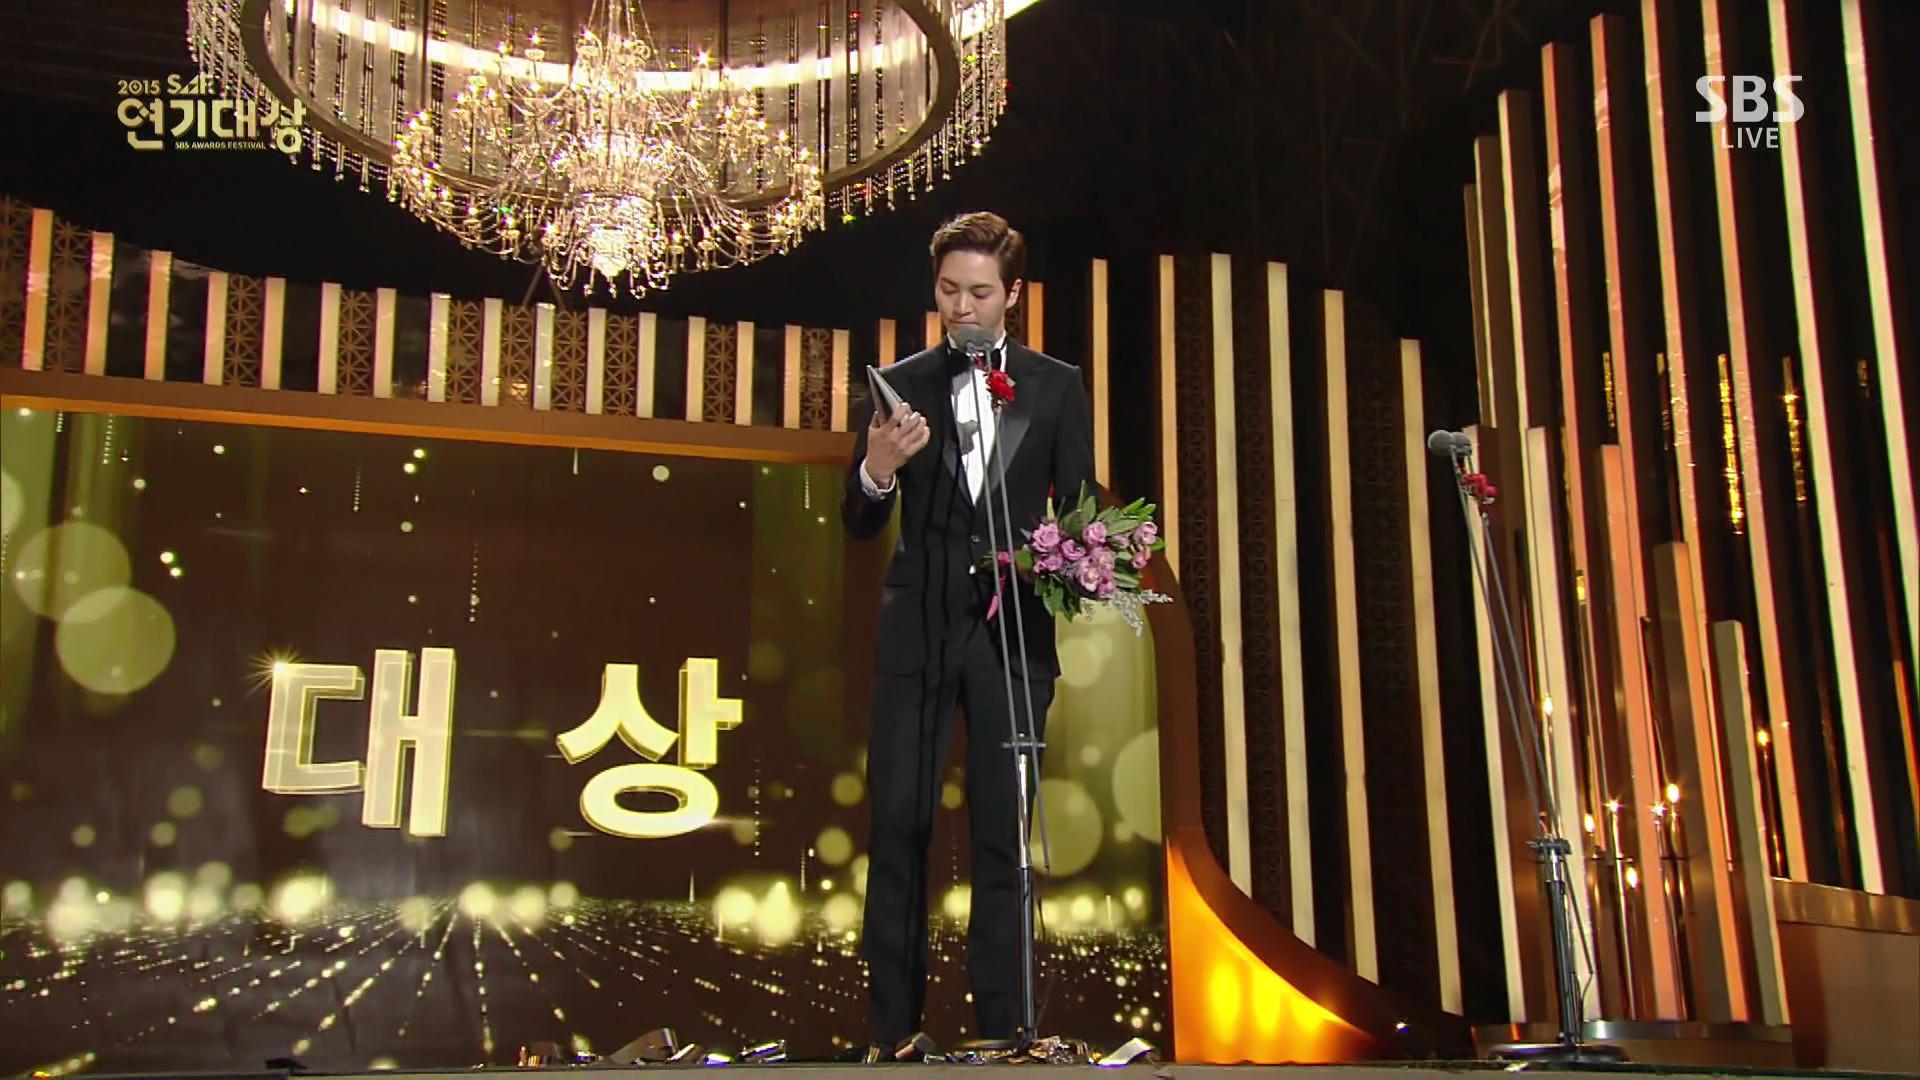 還一舉奪下韓國12個大小獎項!周元個人更是得到SBS演技大賞中最大獎項:大賞的得獎主,堪稱實至名歸啊!